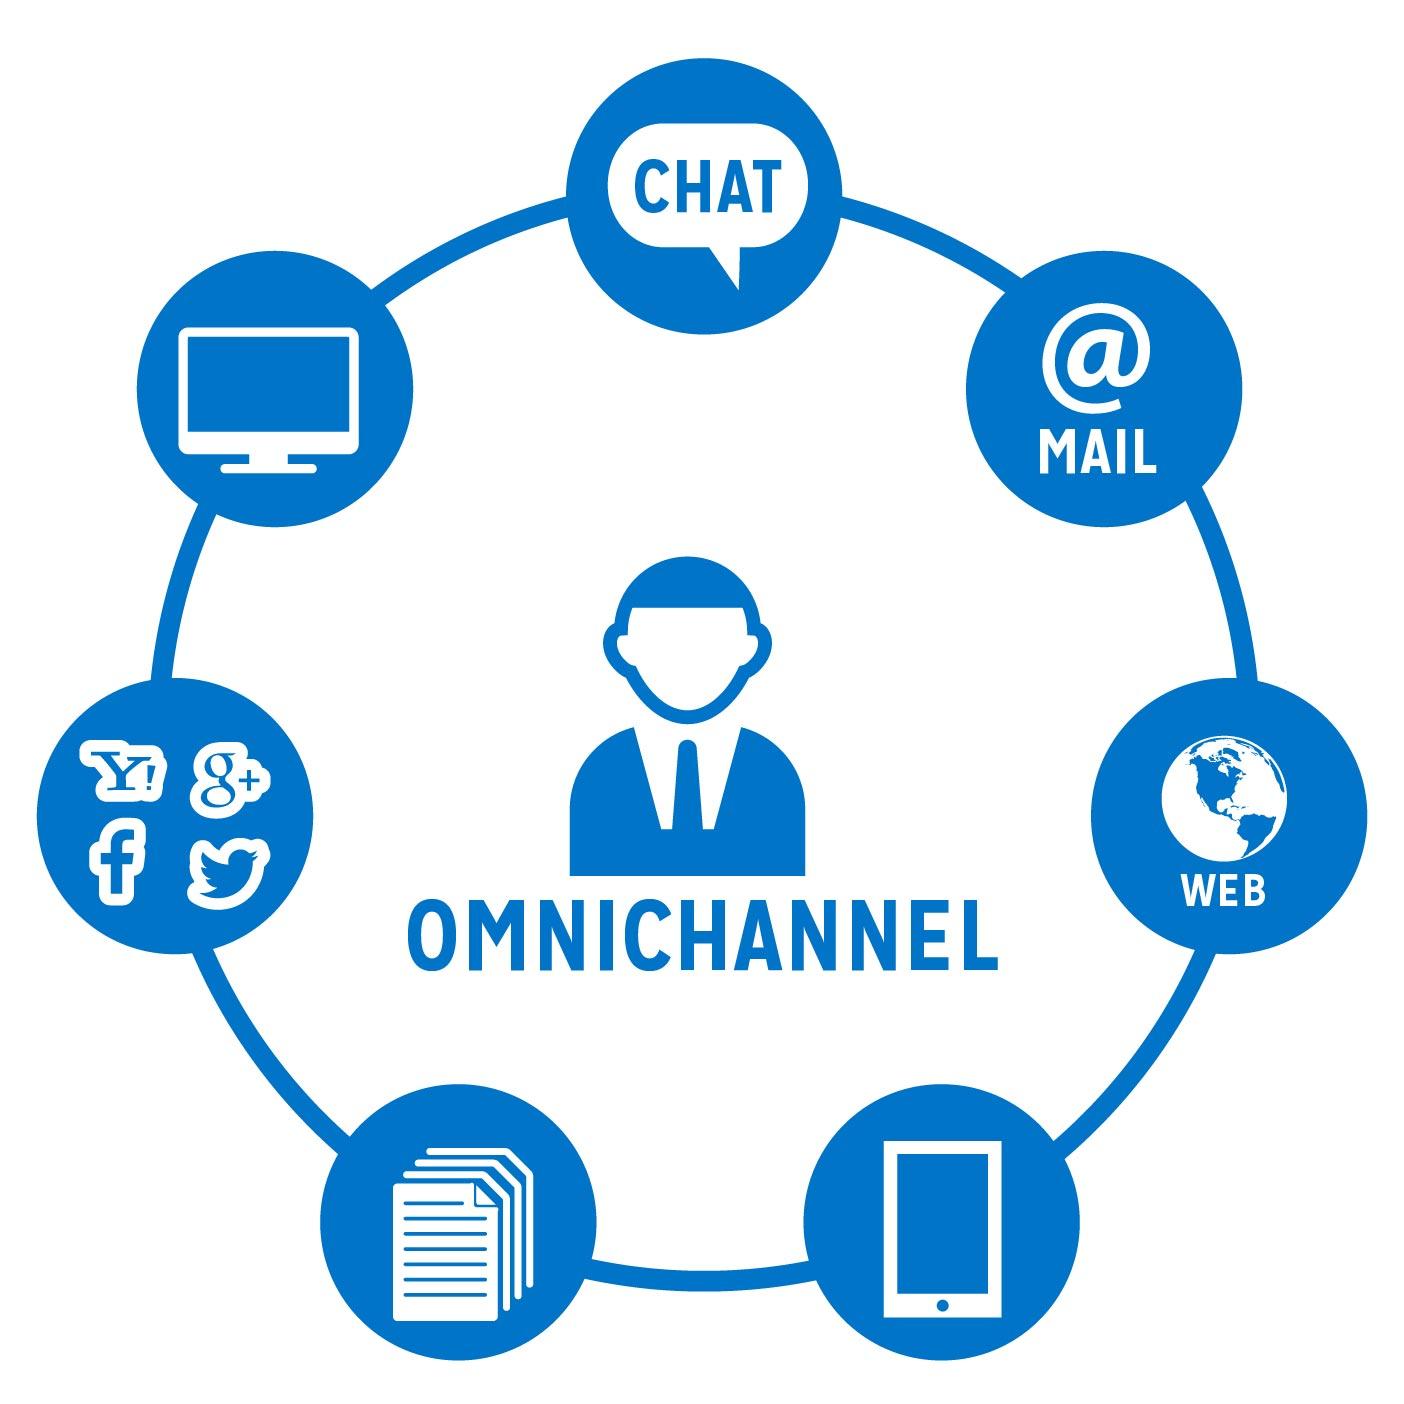 Chăm sóc khách hàng đa kênh là bước đầu để bạn tăng lòng trung thành khách hàng